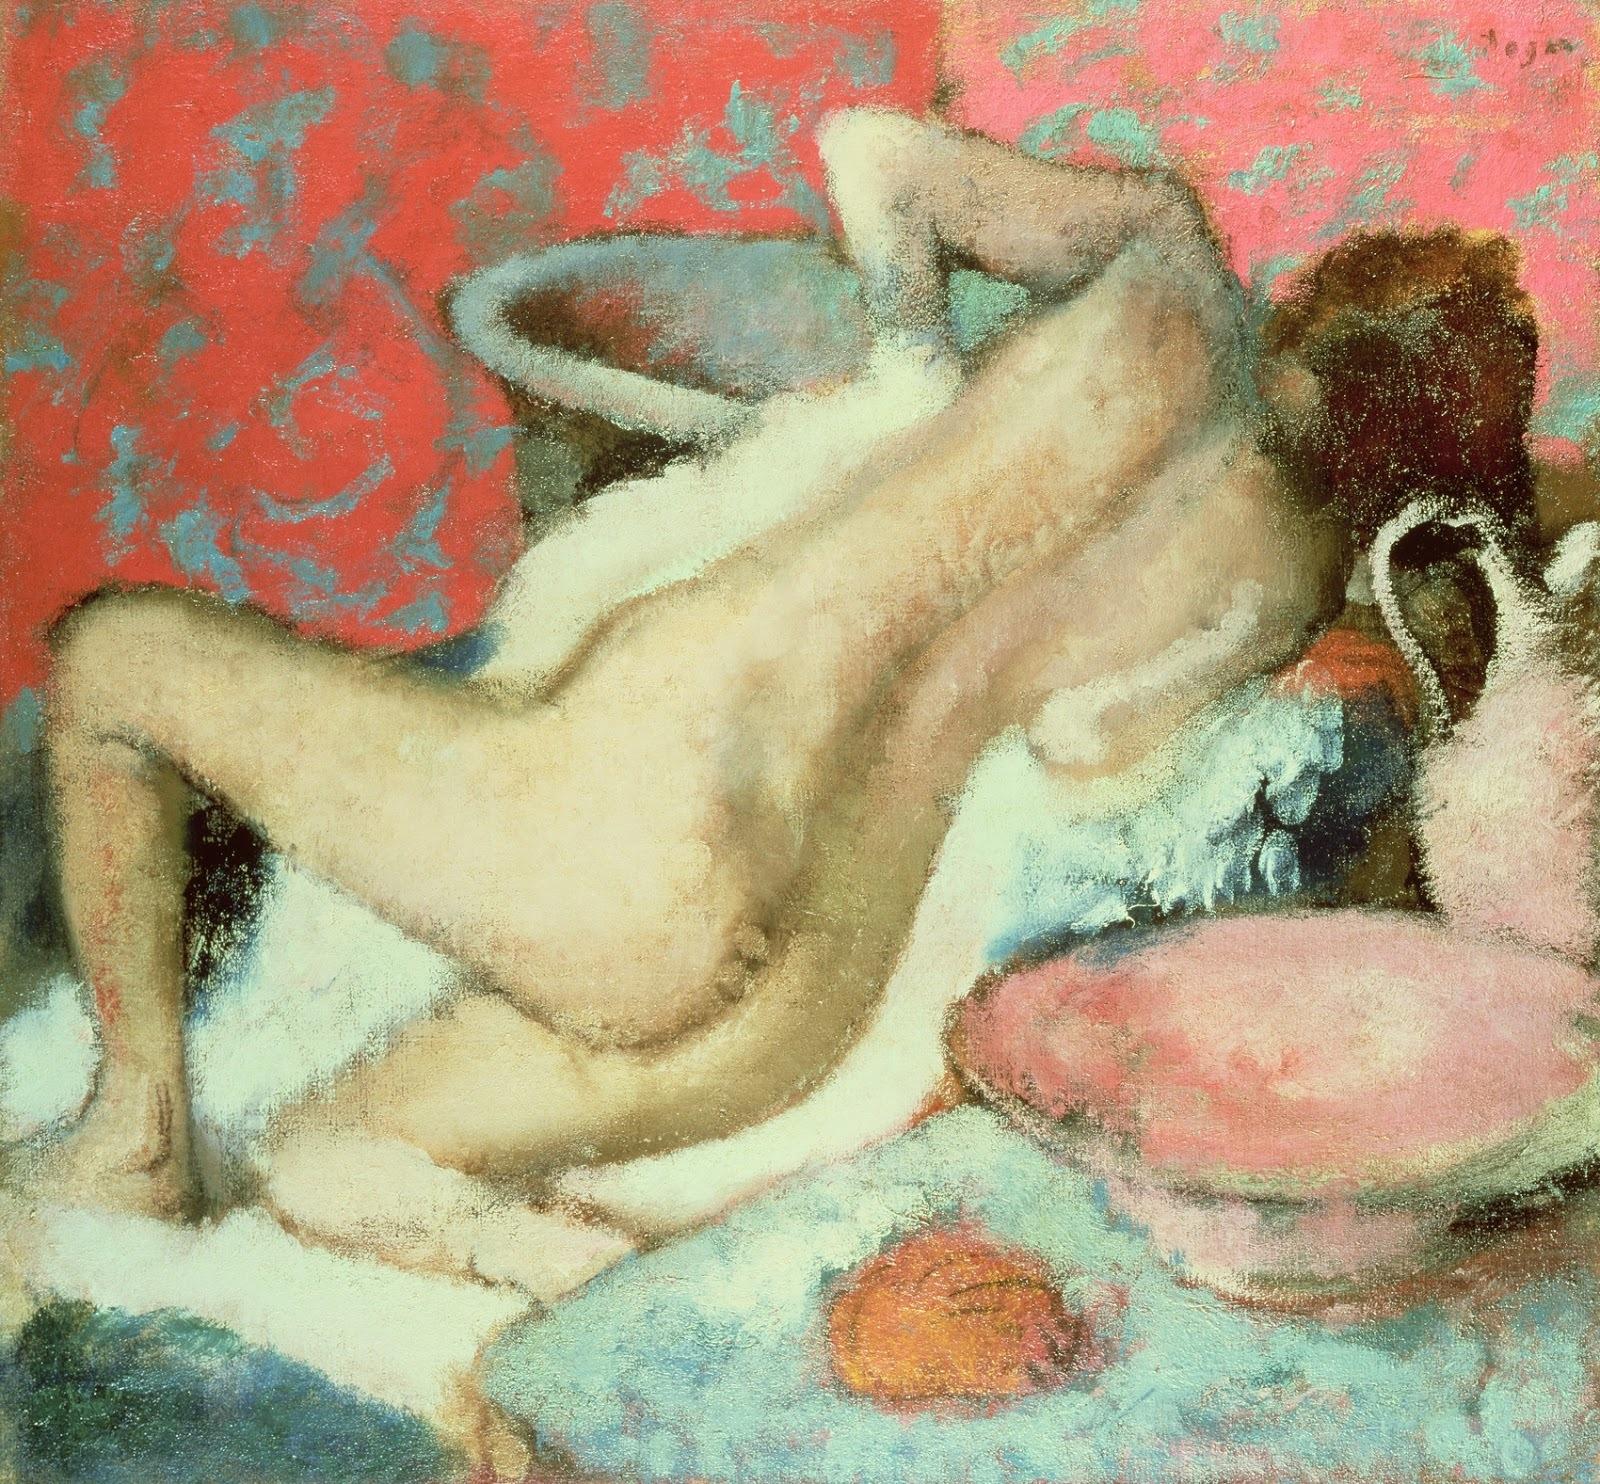 Эдгар Дега. 1896 (ок). Вытирающаяся женщина. Лондон, Национальная галерея.